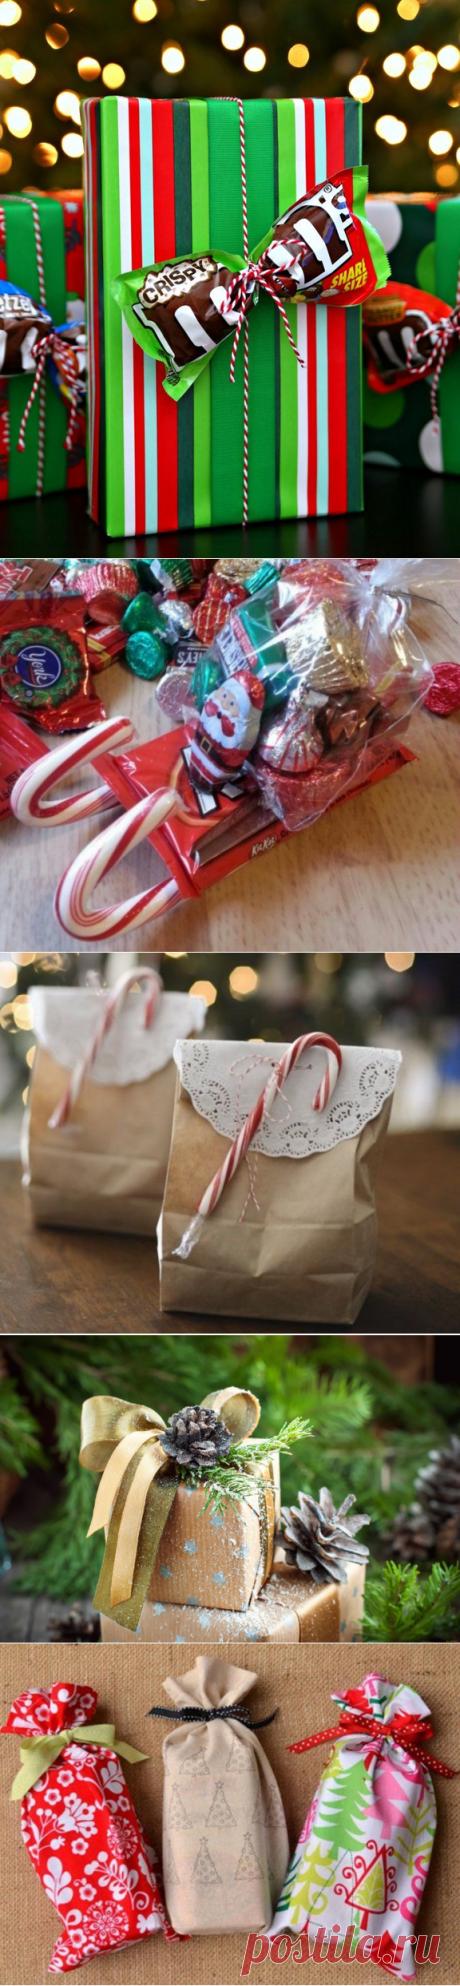 Как красиво упаковать подарок на Новый год и Рождество